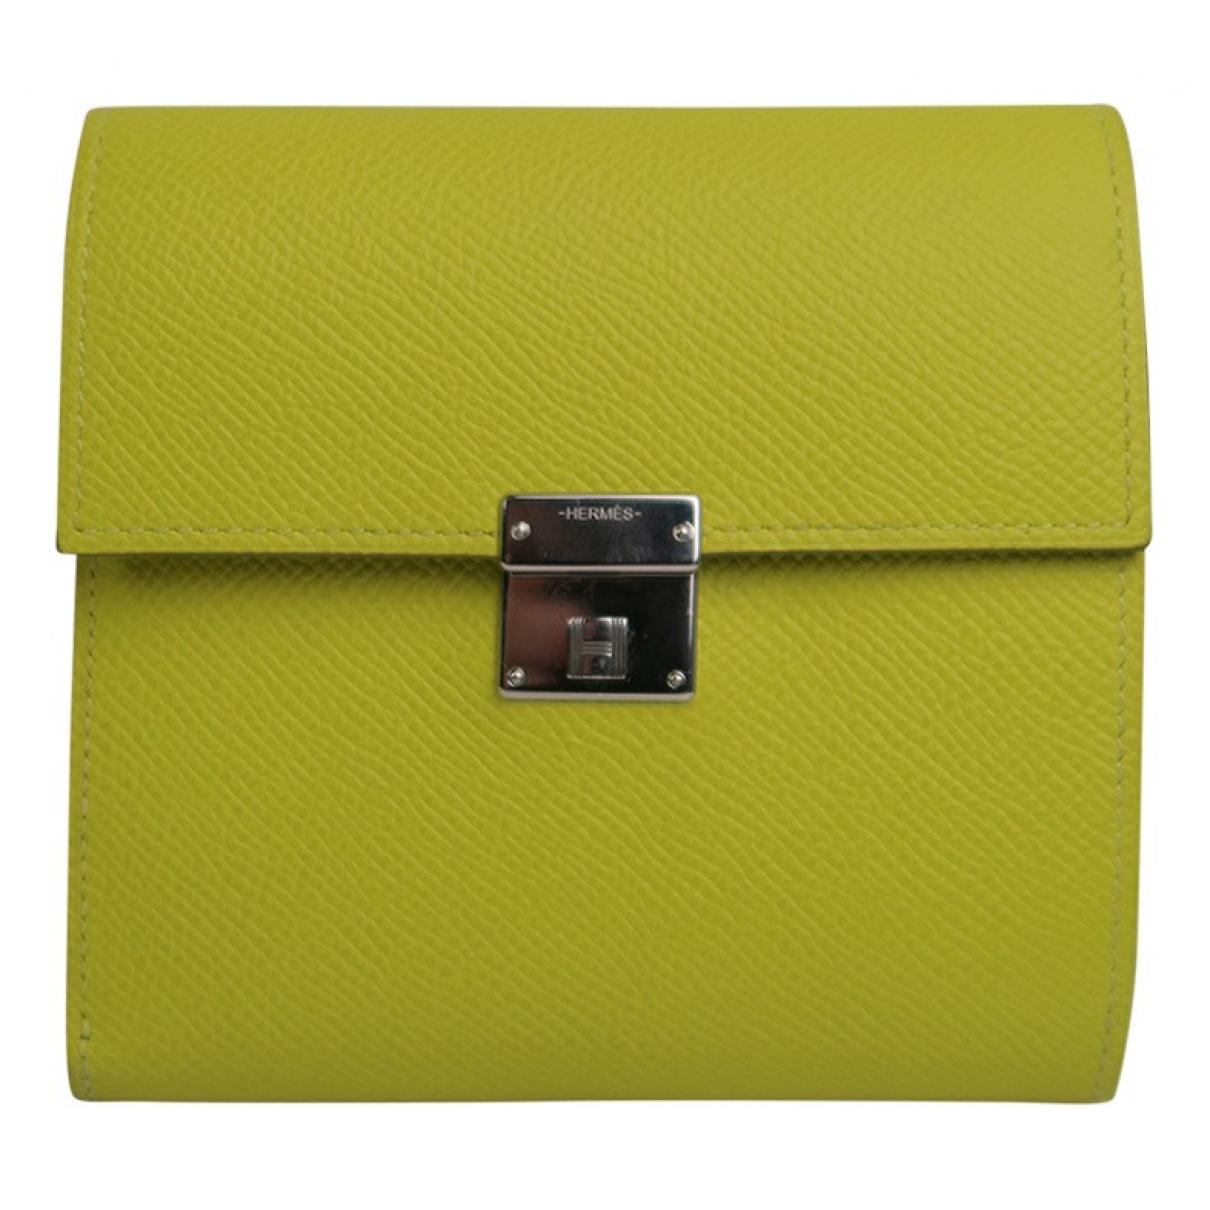 Hermes Clic 12 Portemonnaie in  Gelb Leder